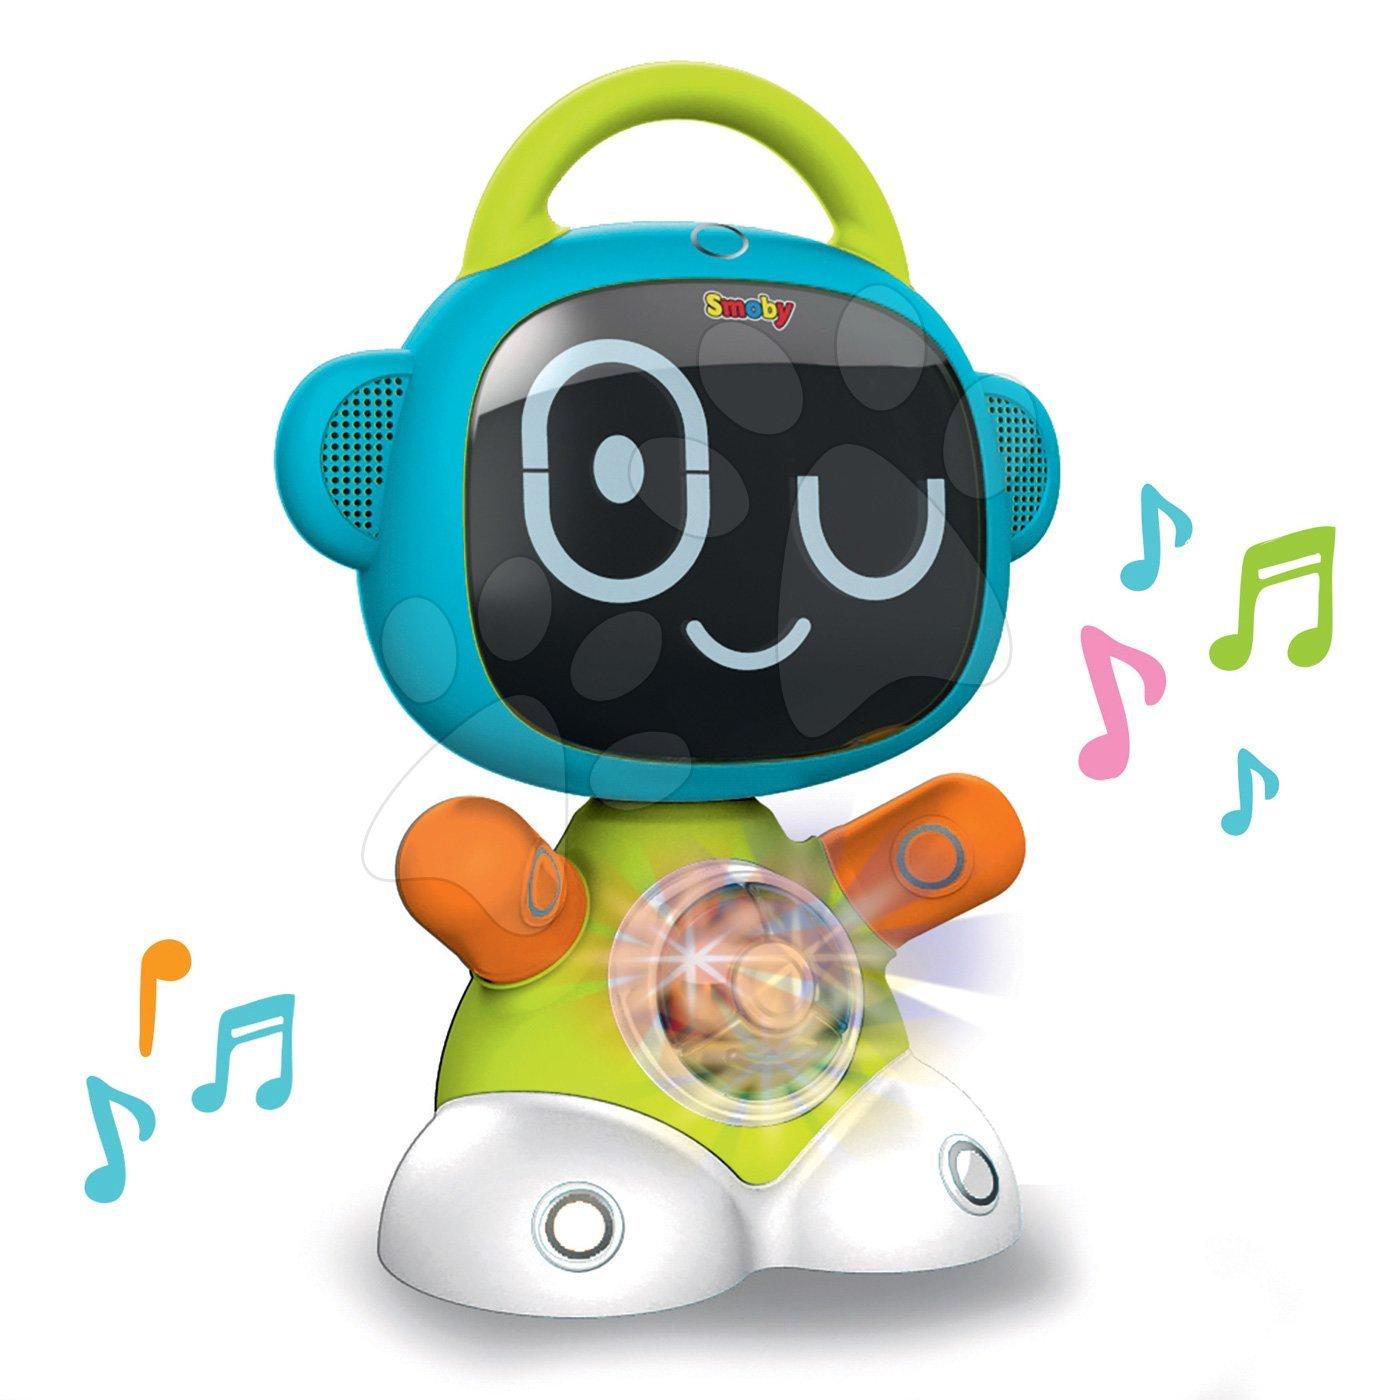 Interaktivne igrače - Interaktivni Robot TIC Smart Smoby s 3 poučnimi igrami (angleško, francosko in nemško)